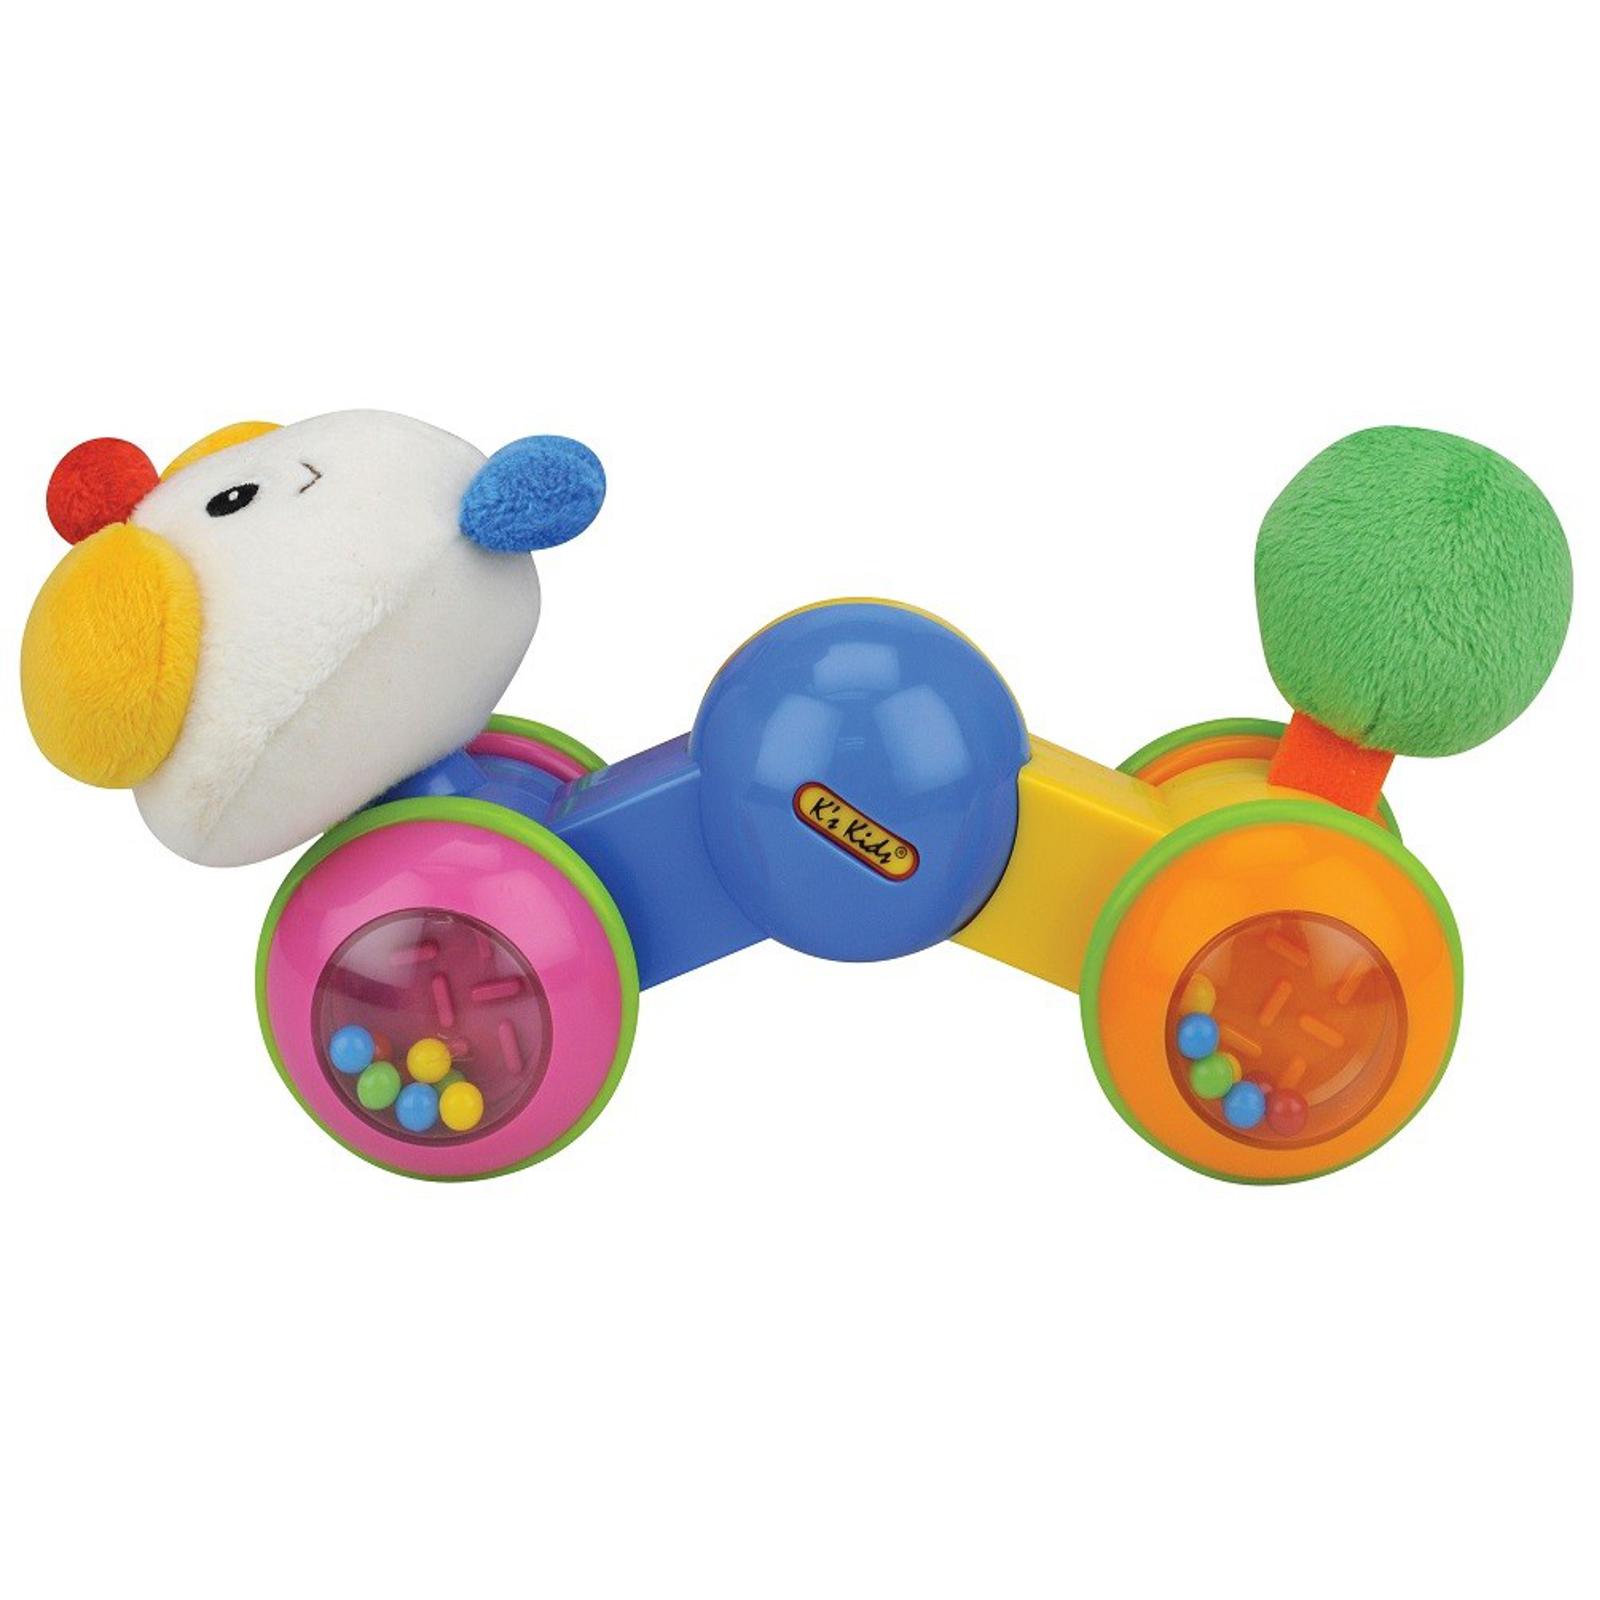 Развивающая игрушка K&amp;#039;s Kids Гусеничка: нажми и догони с 6 мес.<br>